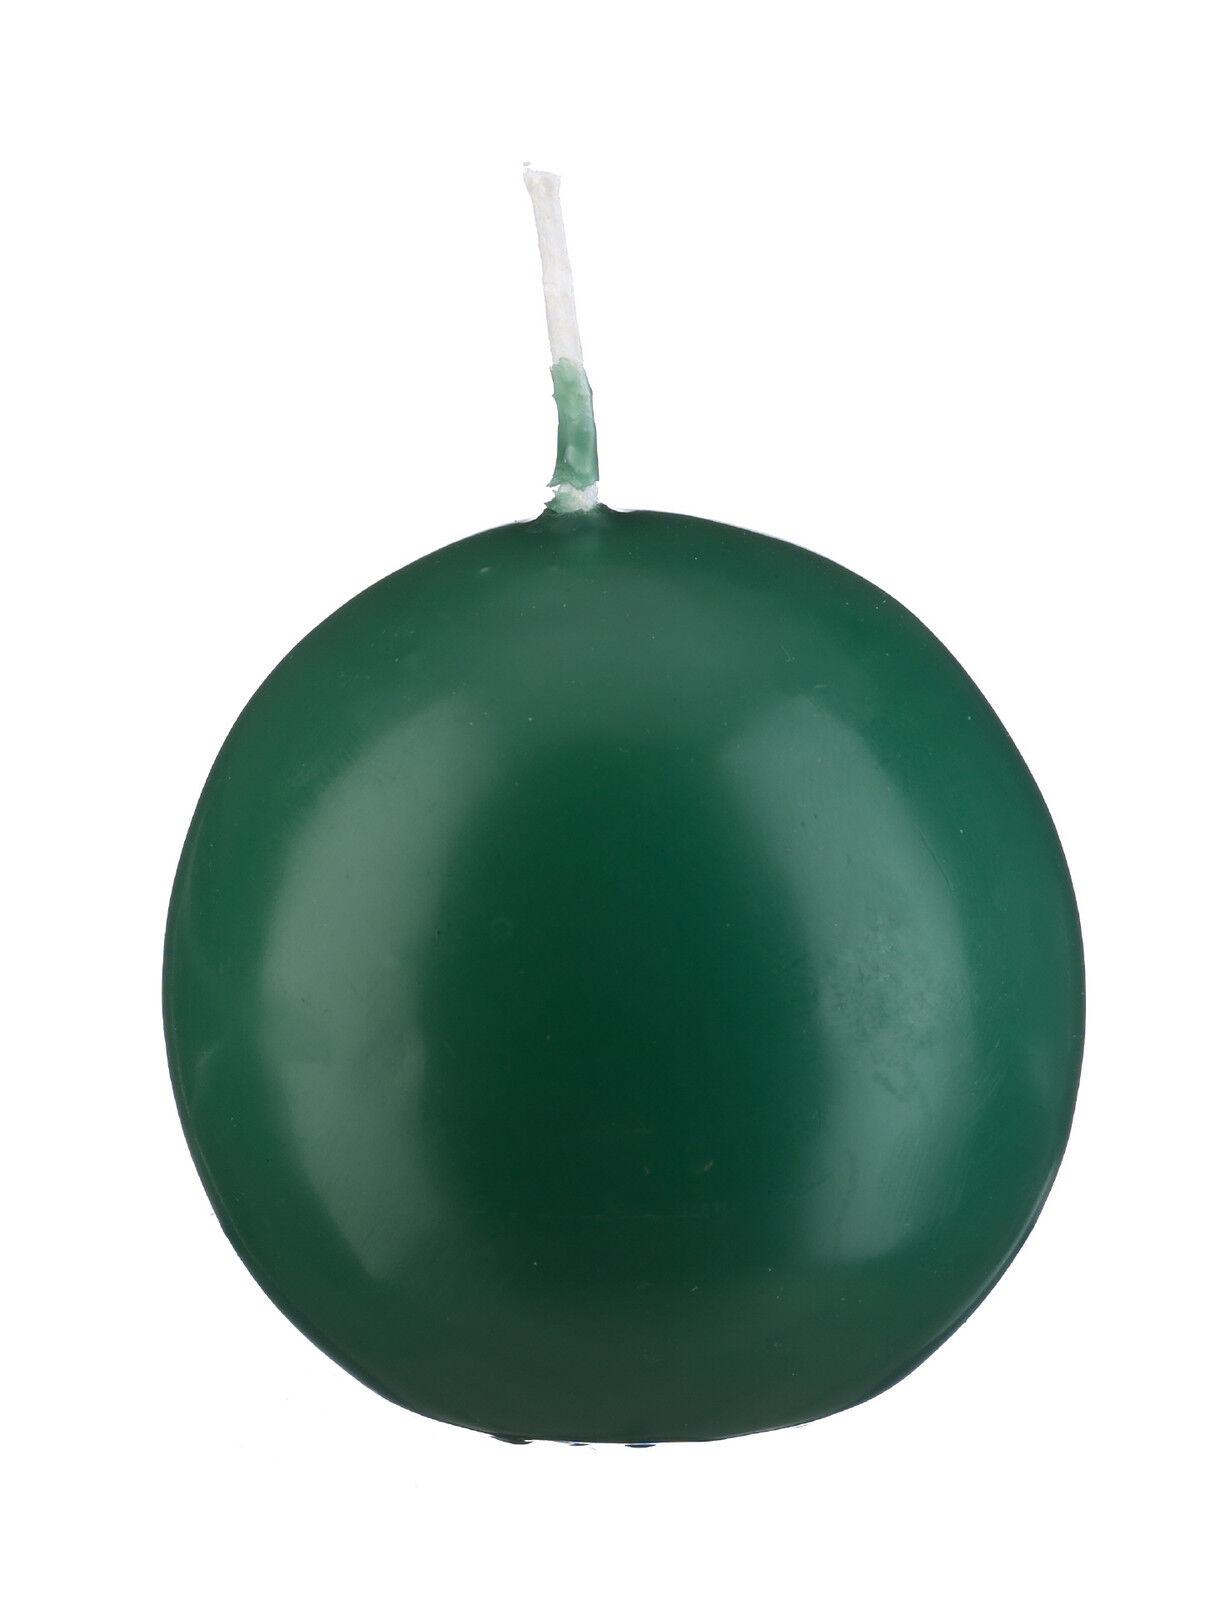 CANDELE a SFERA verde, selezione da 8 dimensioni, dt. qualità di marca CANDELE, Candele rossoonde